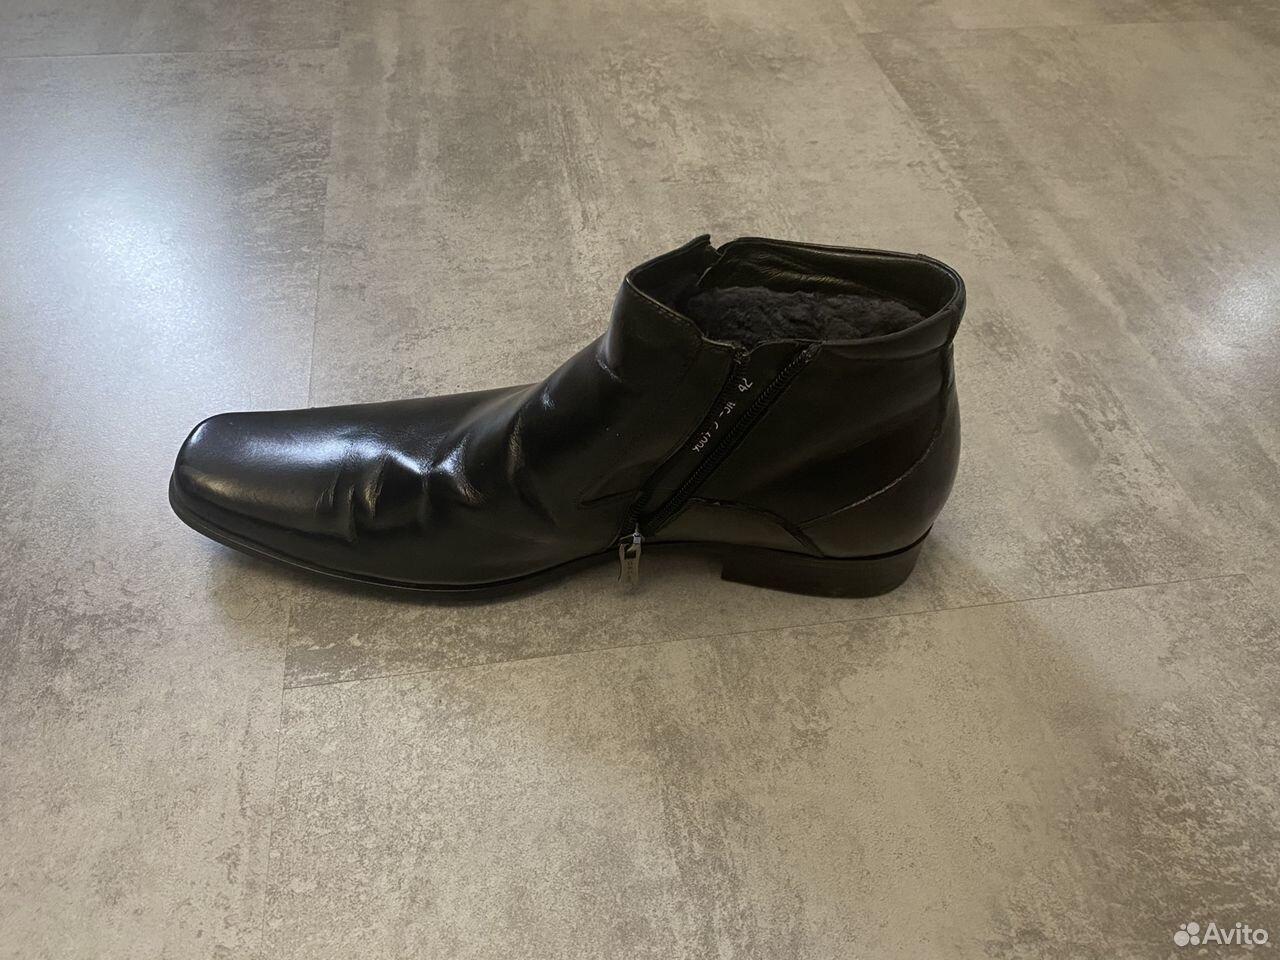 Ботинки мужские зимние 42 размер новые